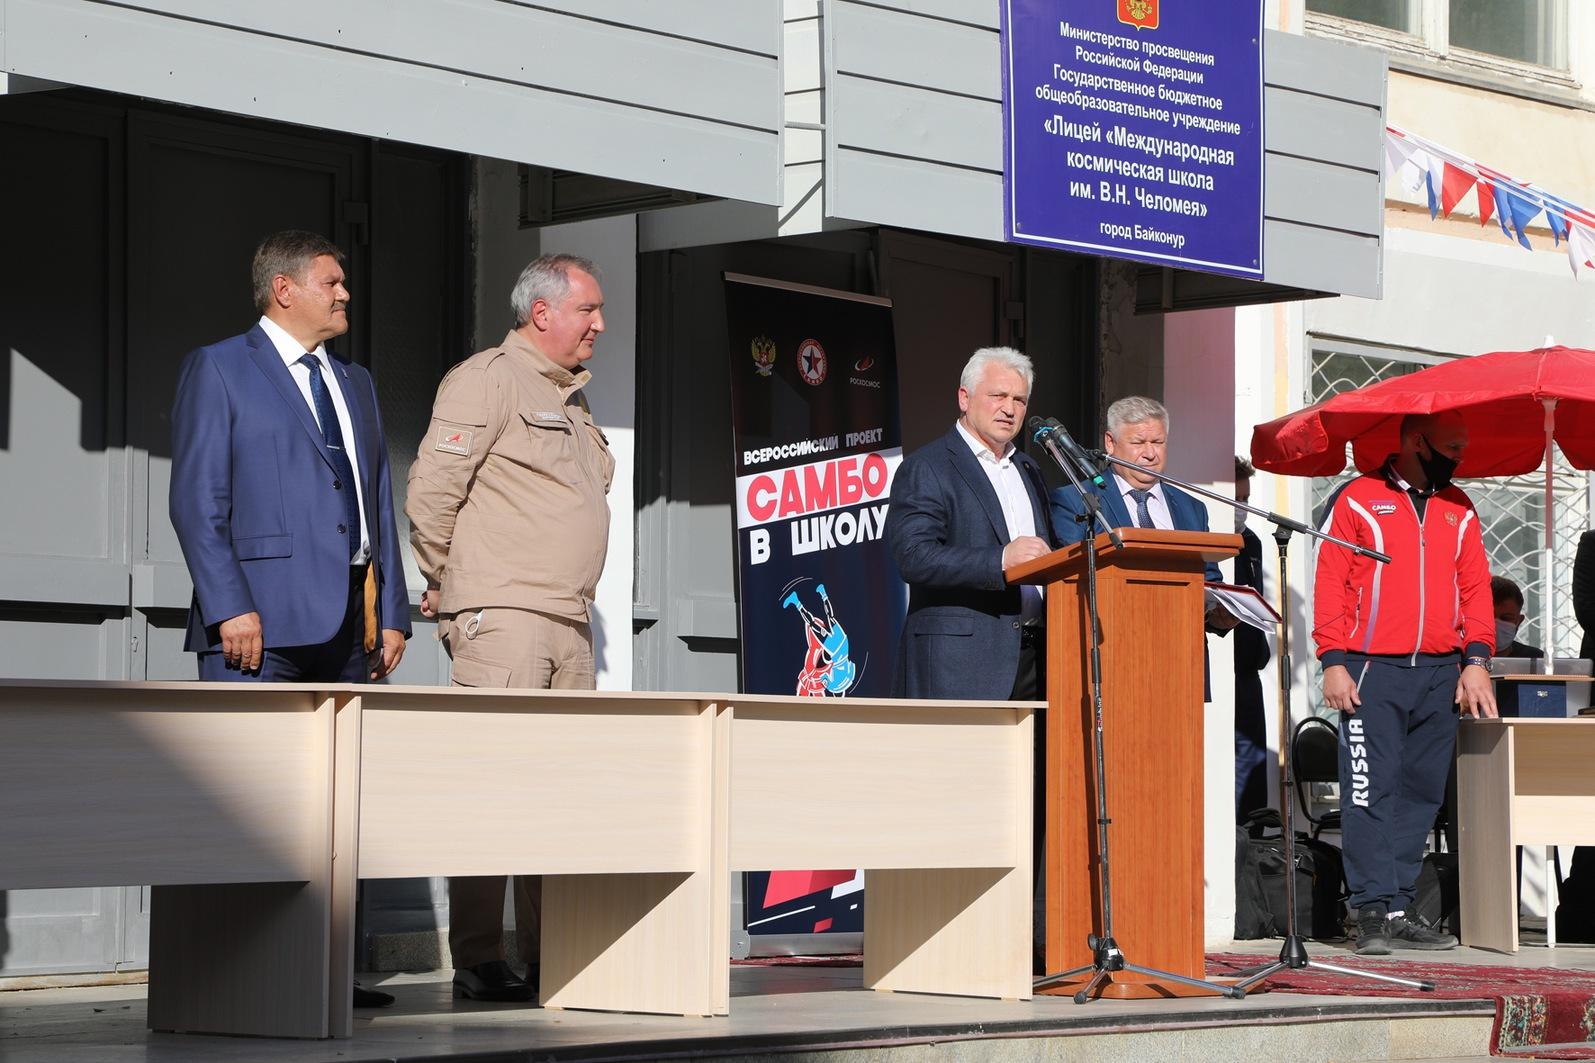 В МКШ прошла торжественная церемония запуска проекта «Самбо в школу» в городе Байконуре